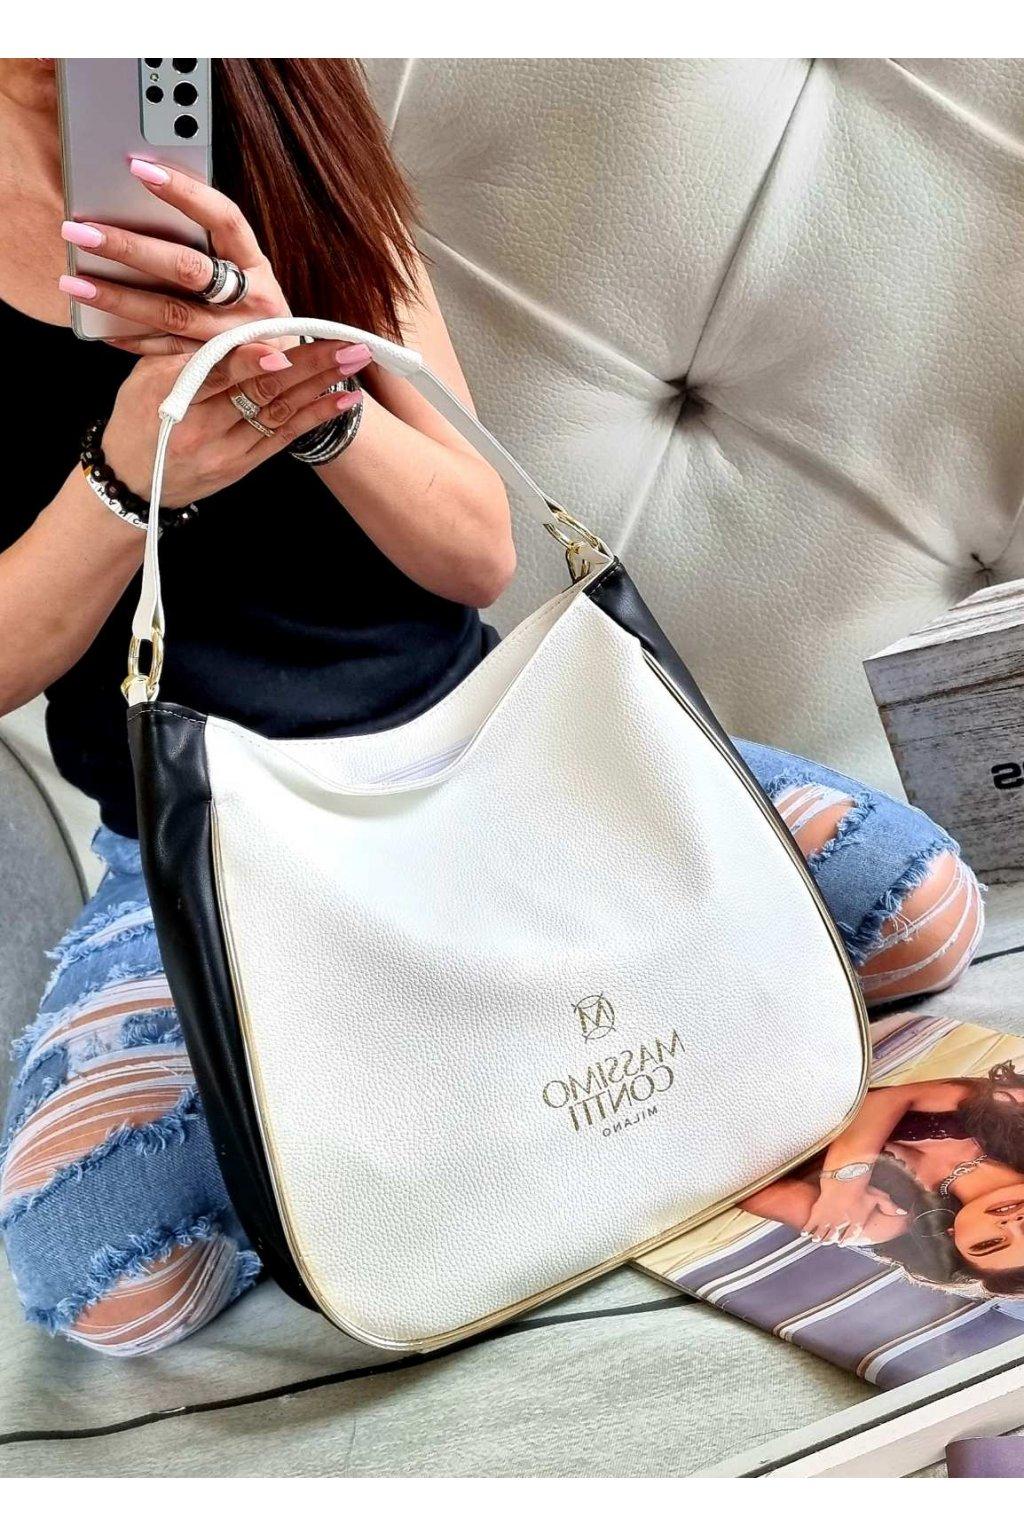 kabelka massimo contti bílá trendy luxusní značková kabelka stylová white